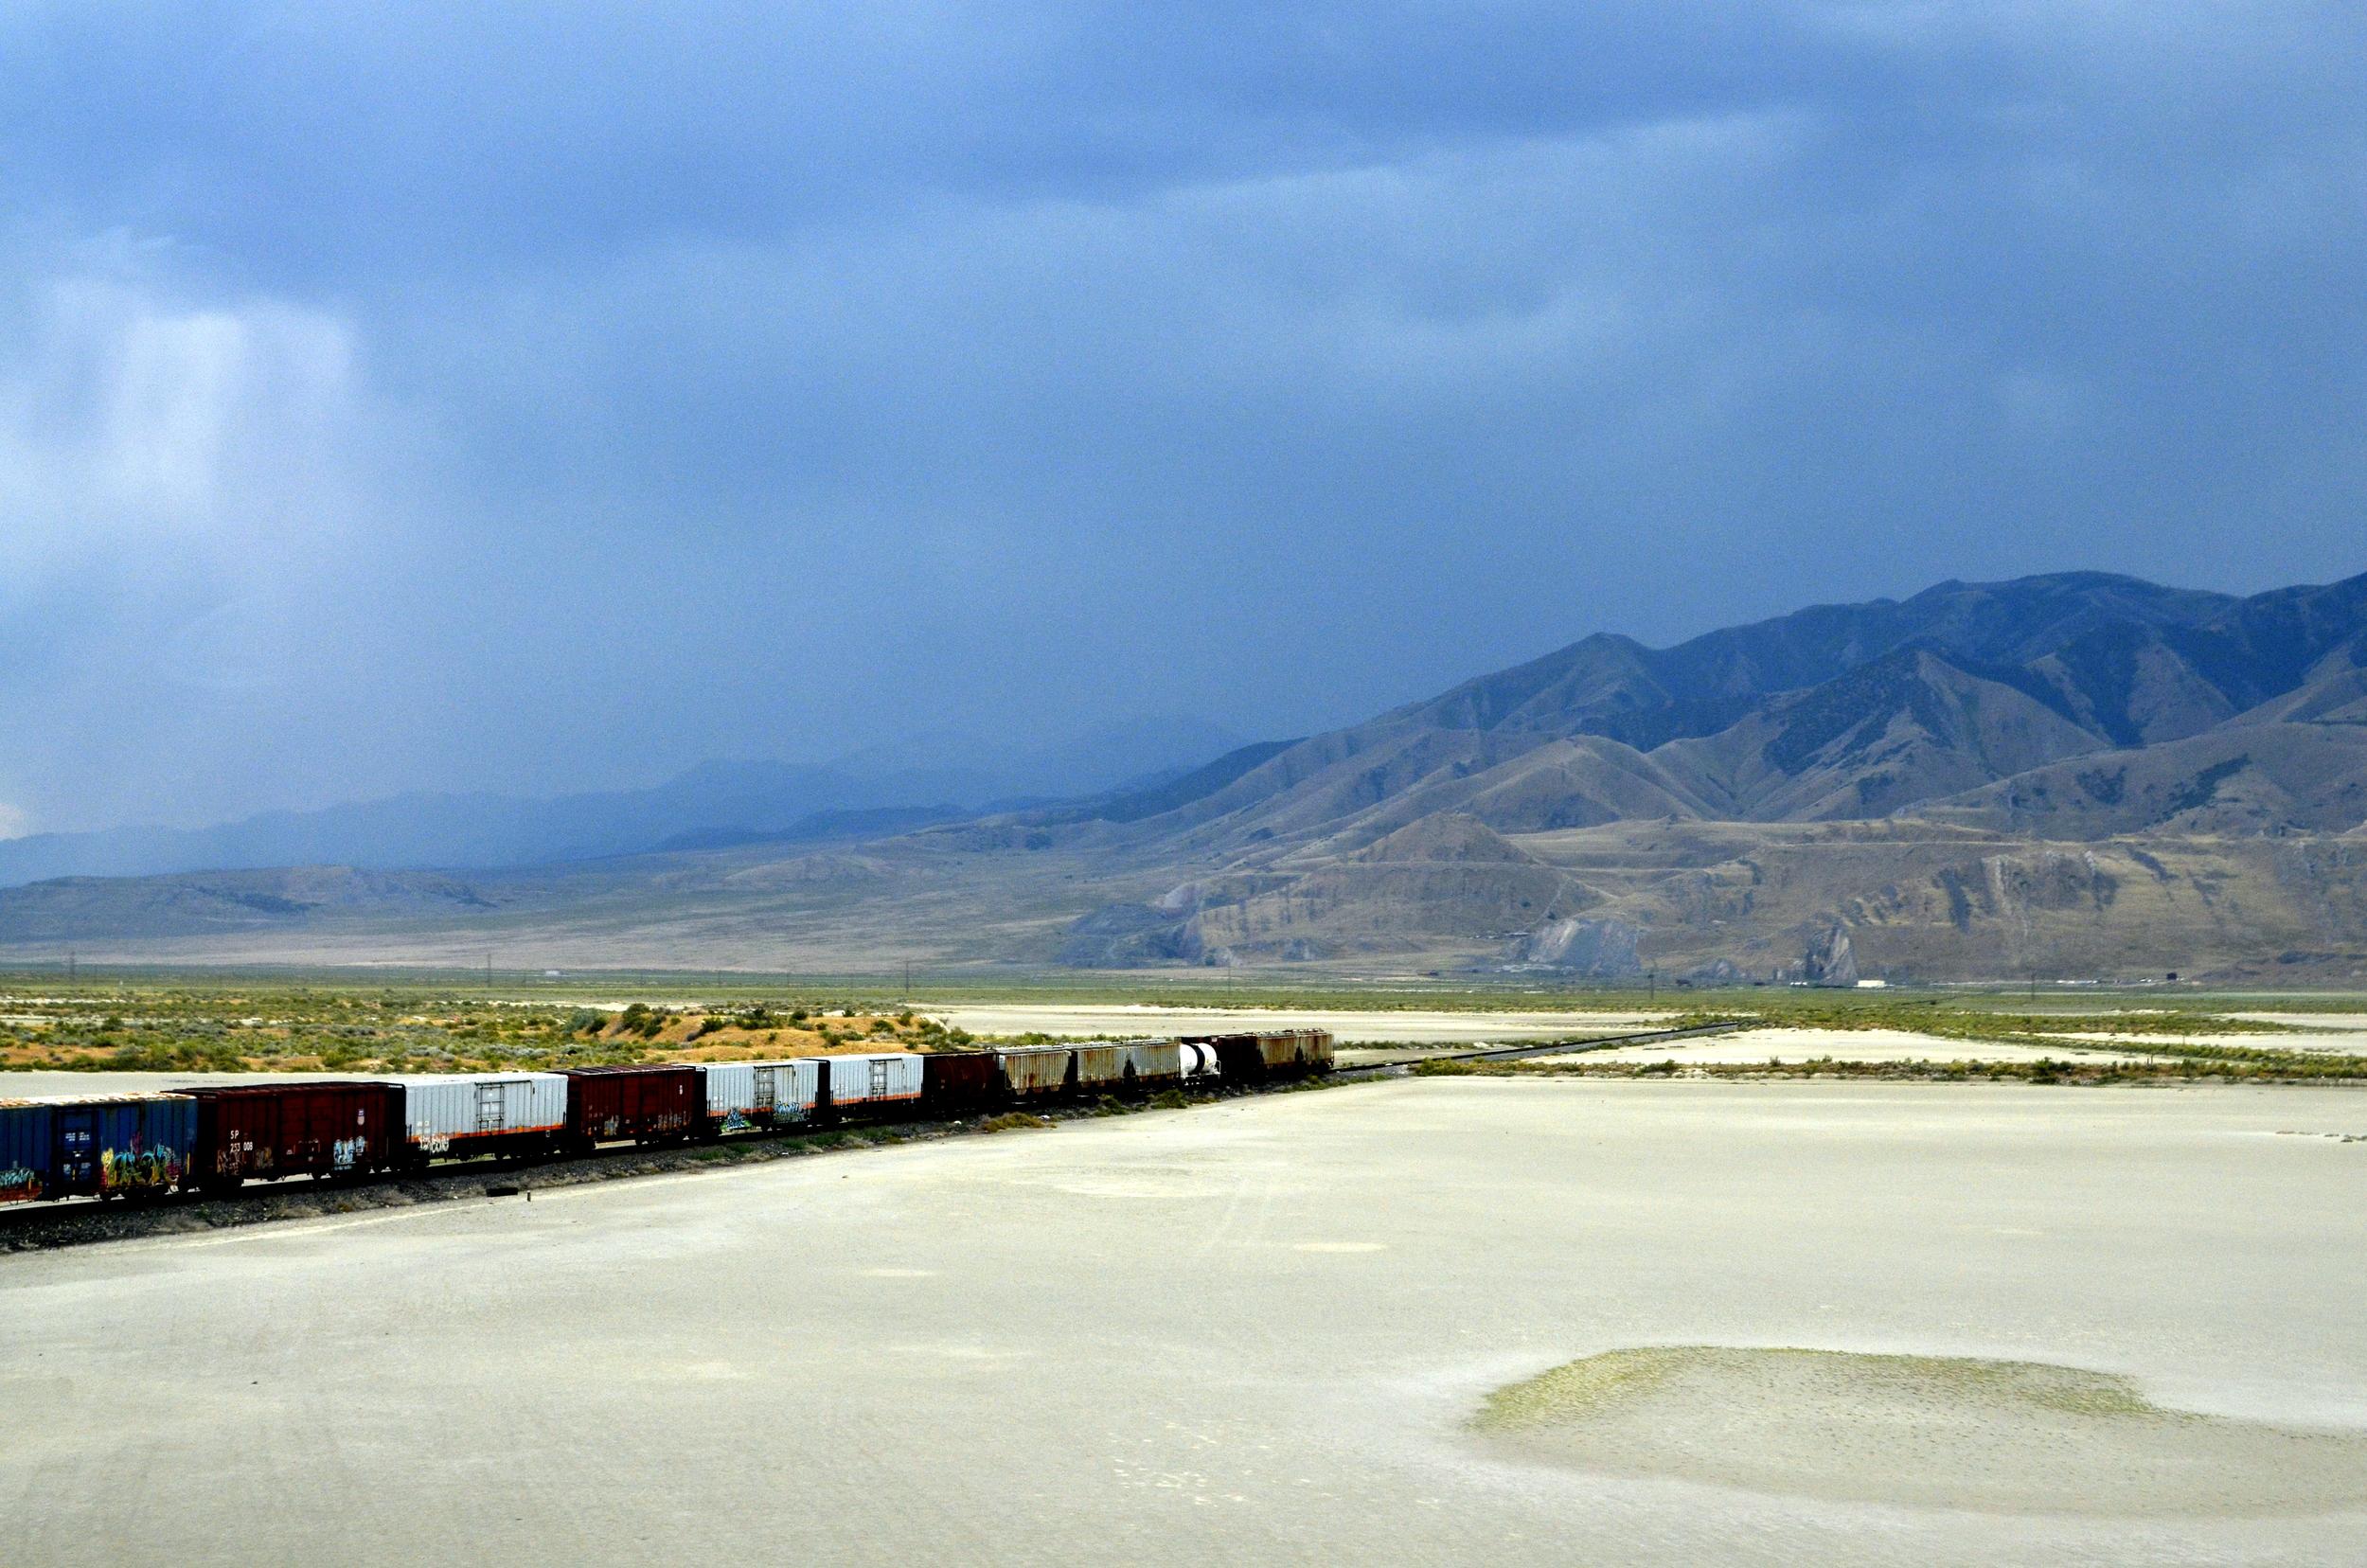 017 Utah Railroad.jpg